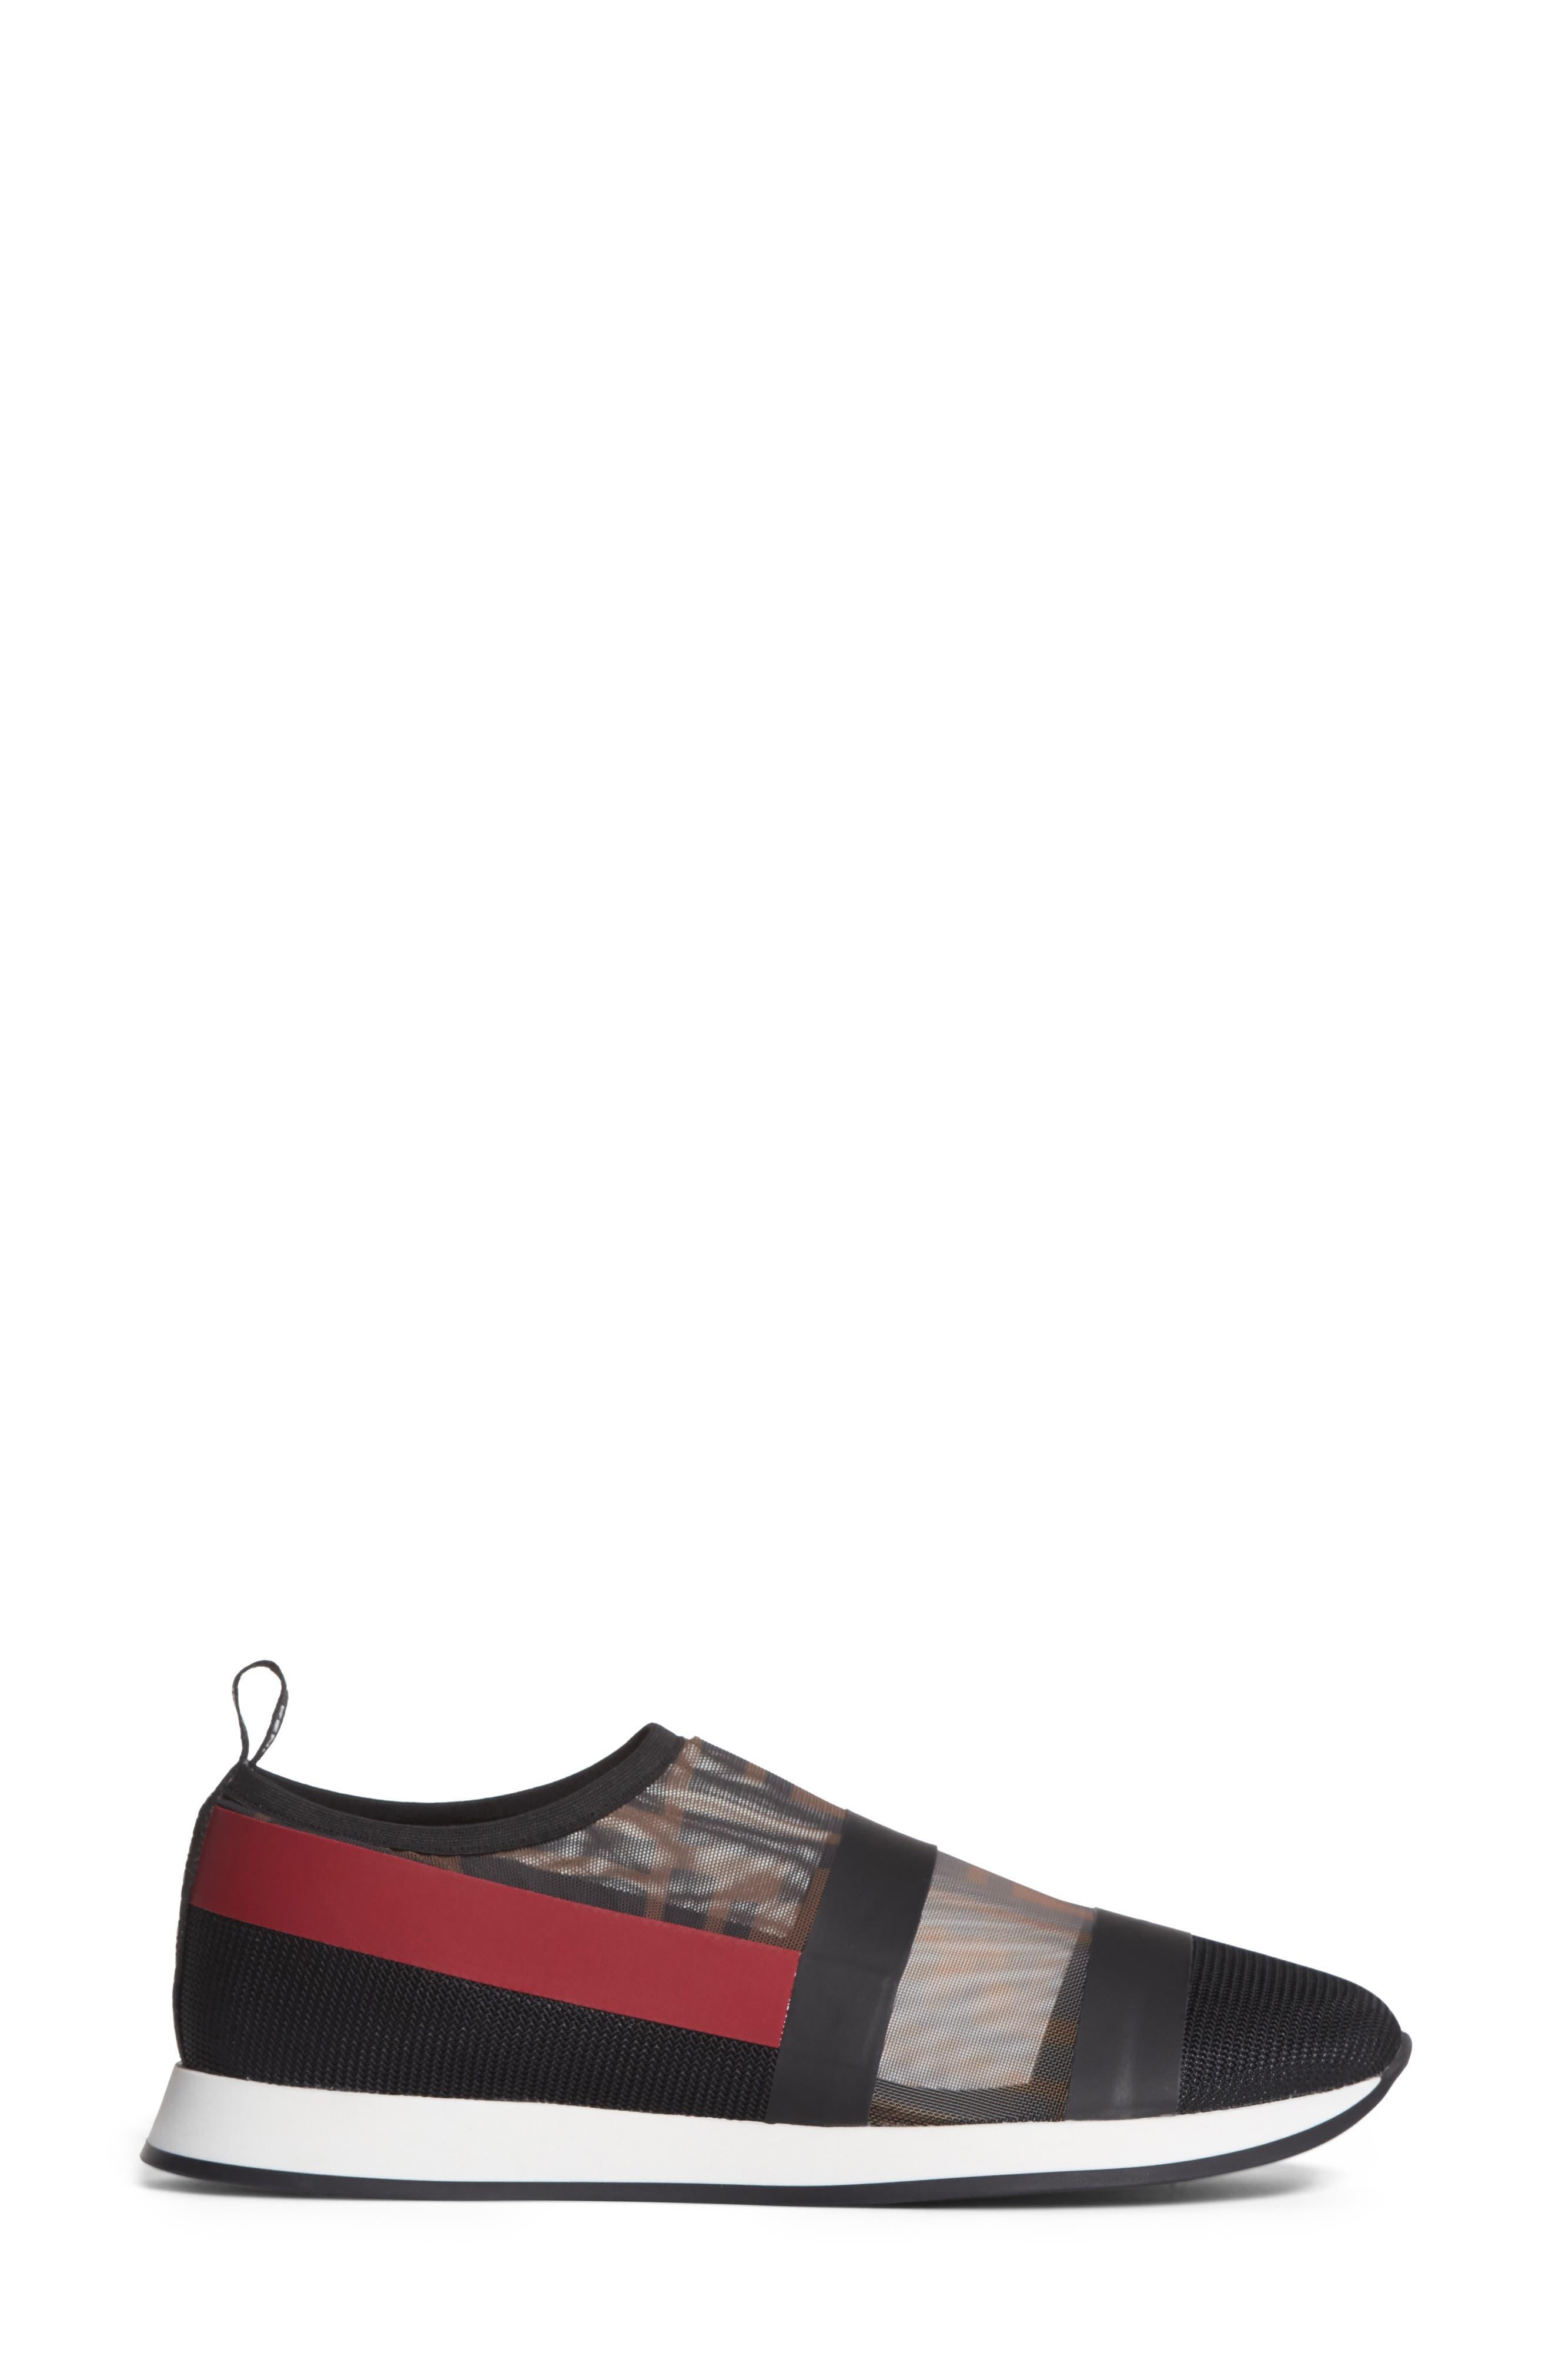 Logo Slip-On Sneaker,                             Alternate thumbnail 3, color,                             Black/ Red